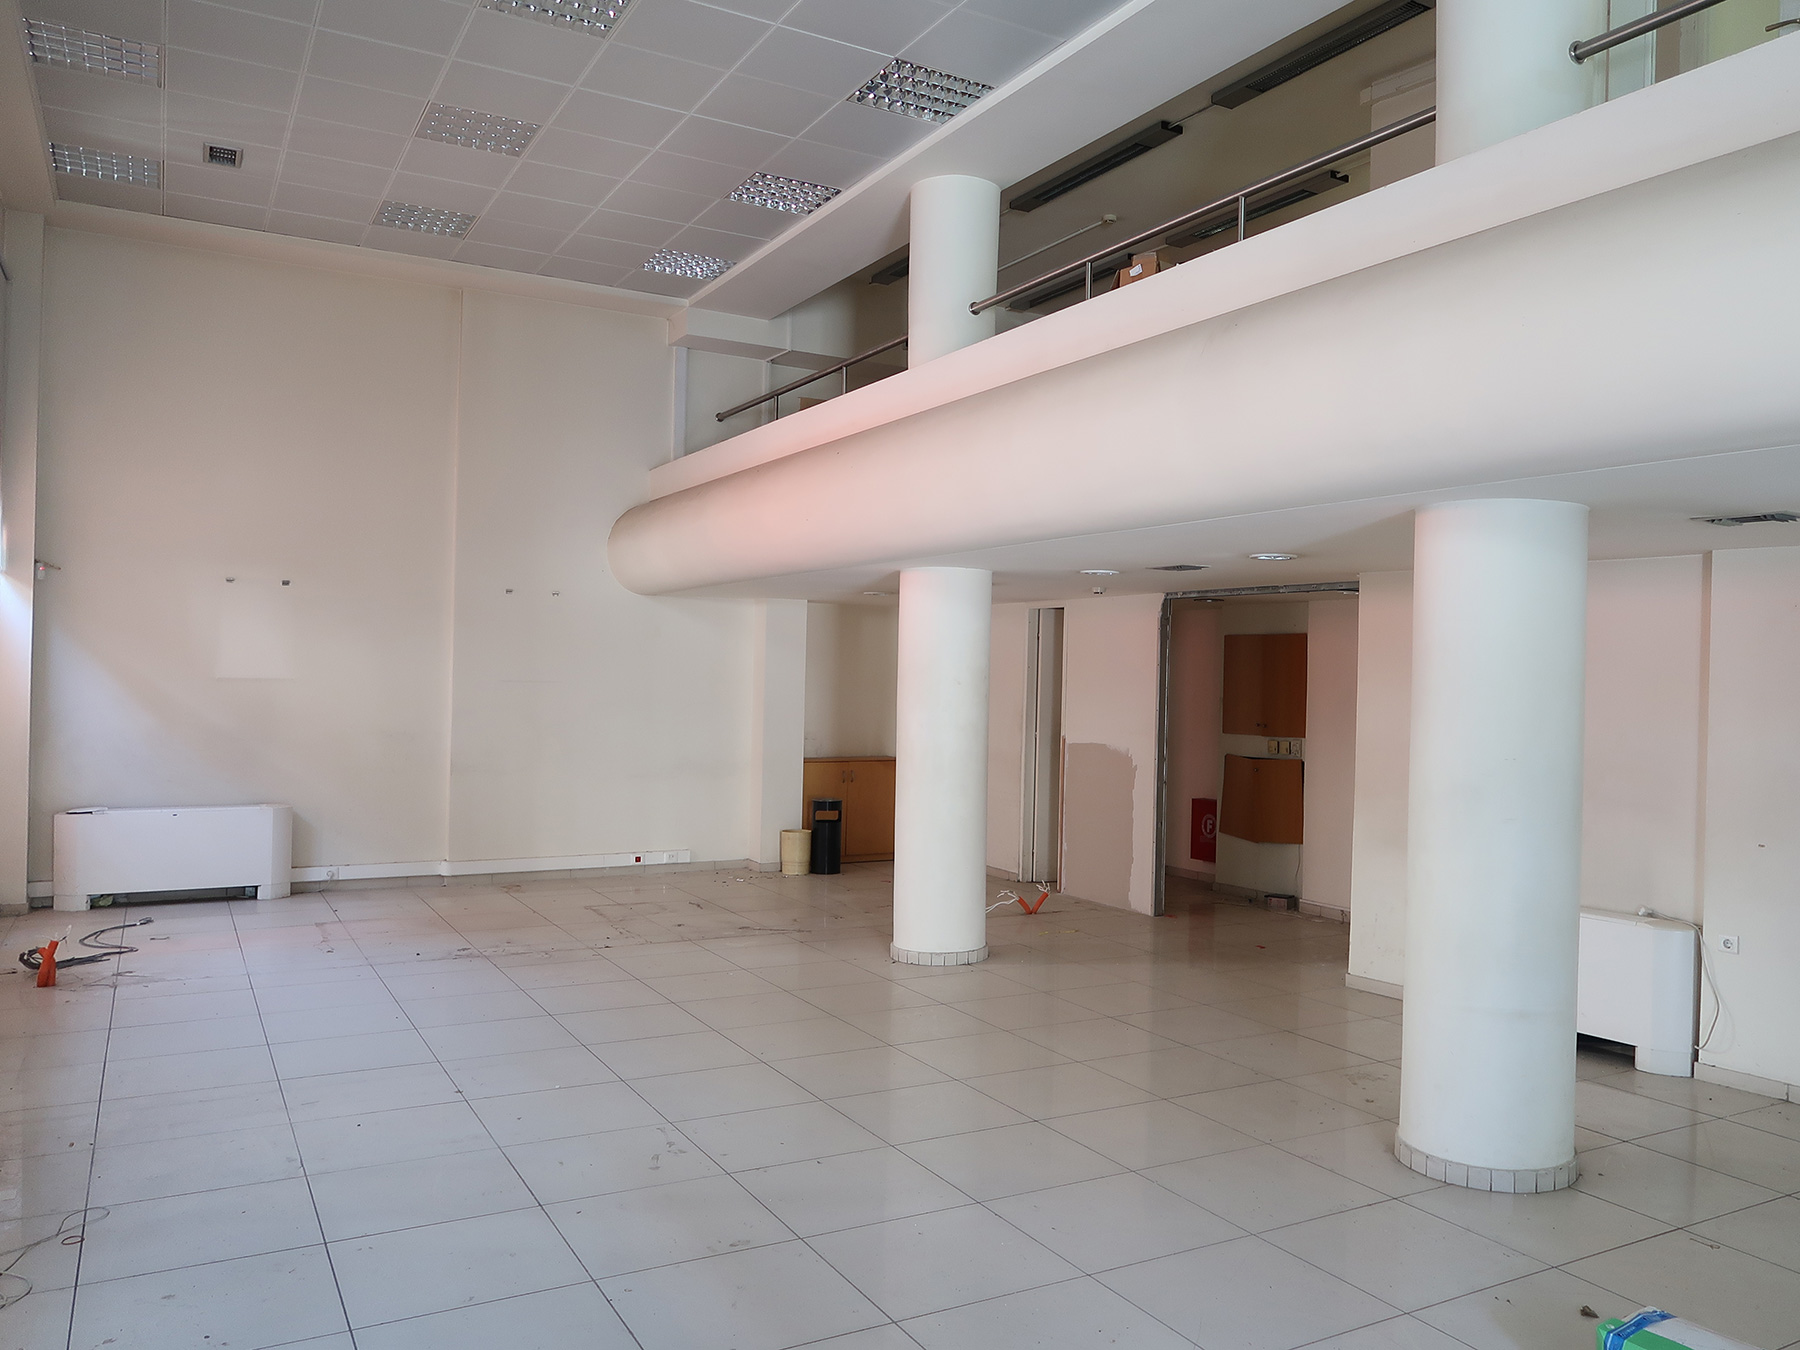 Ενοικιάζεται επαγγελματικό κτίριο συνολικών 1317 τμ. στο κέντρο της πόλης των Ιωαννίνων